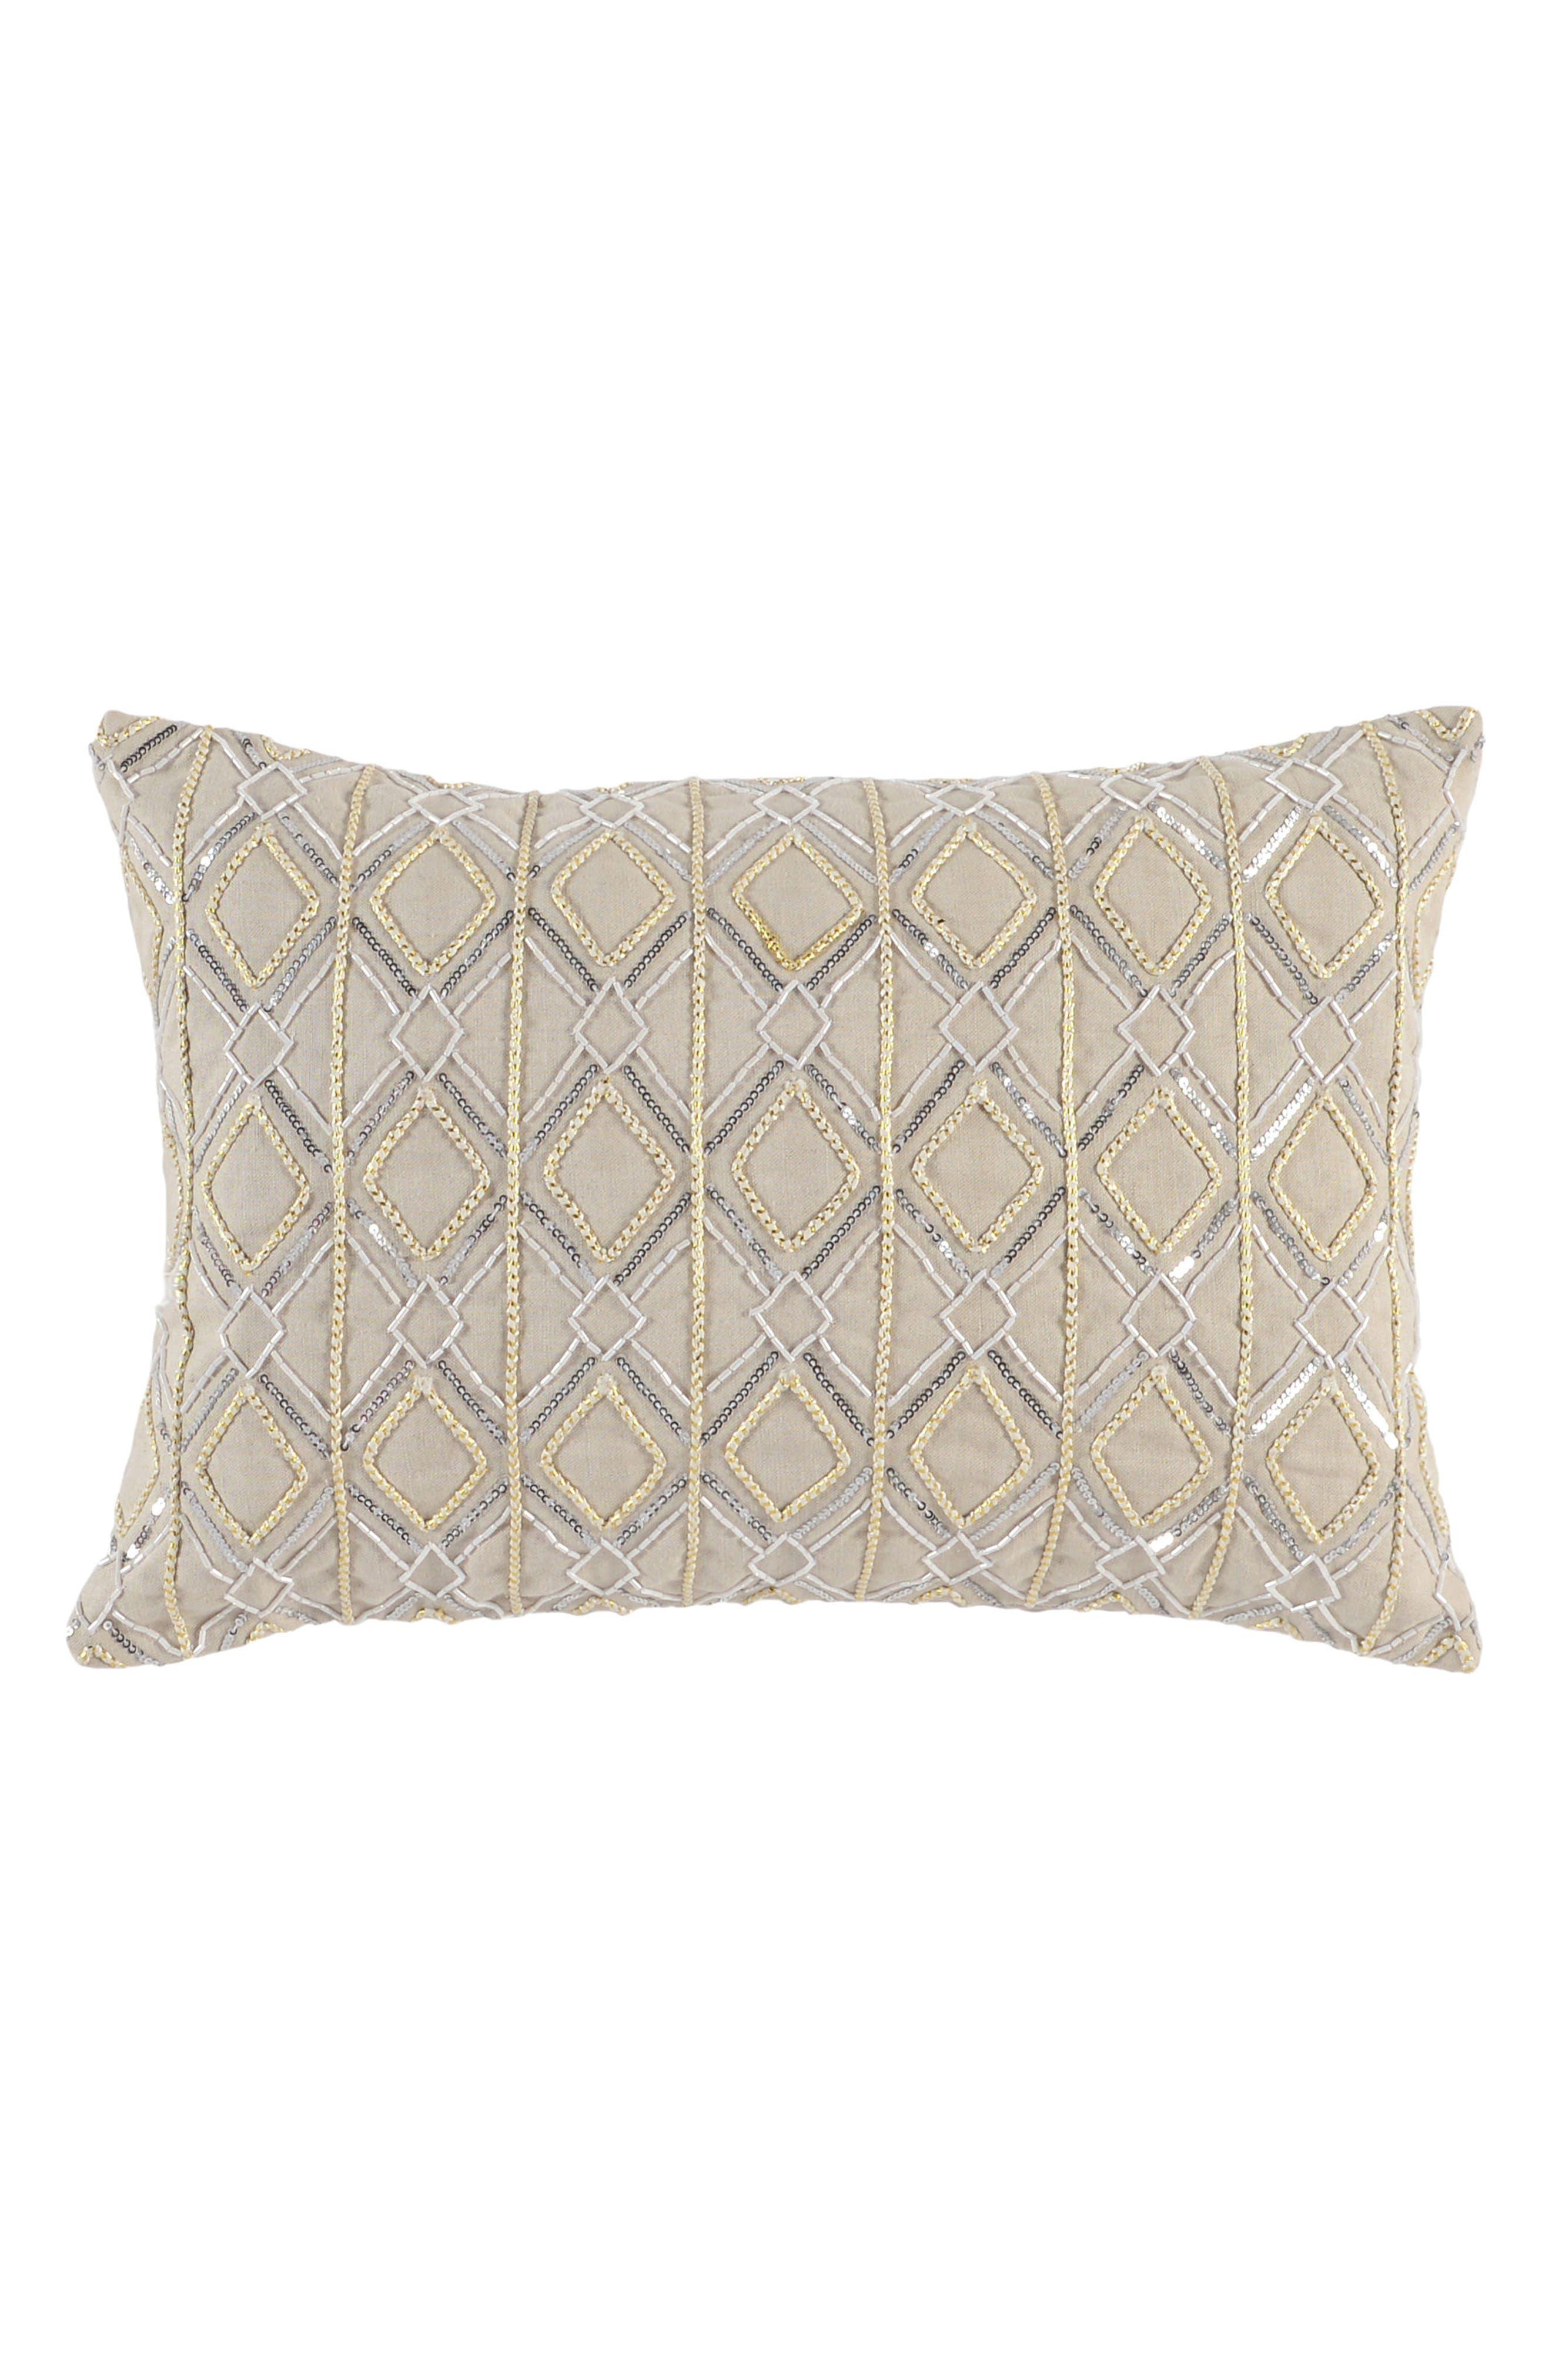 Aledo Accent Pillow,                         Main,                         color, 900